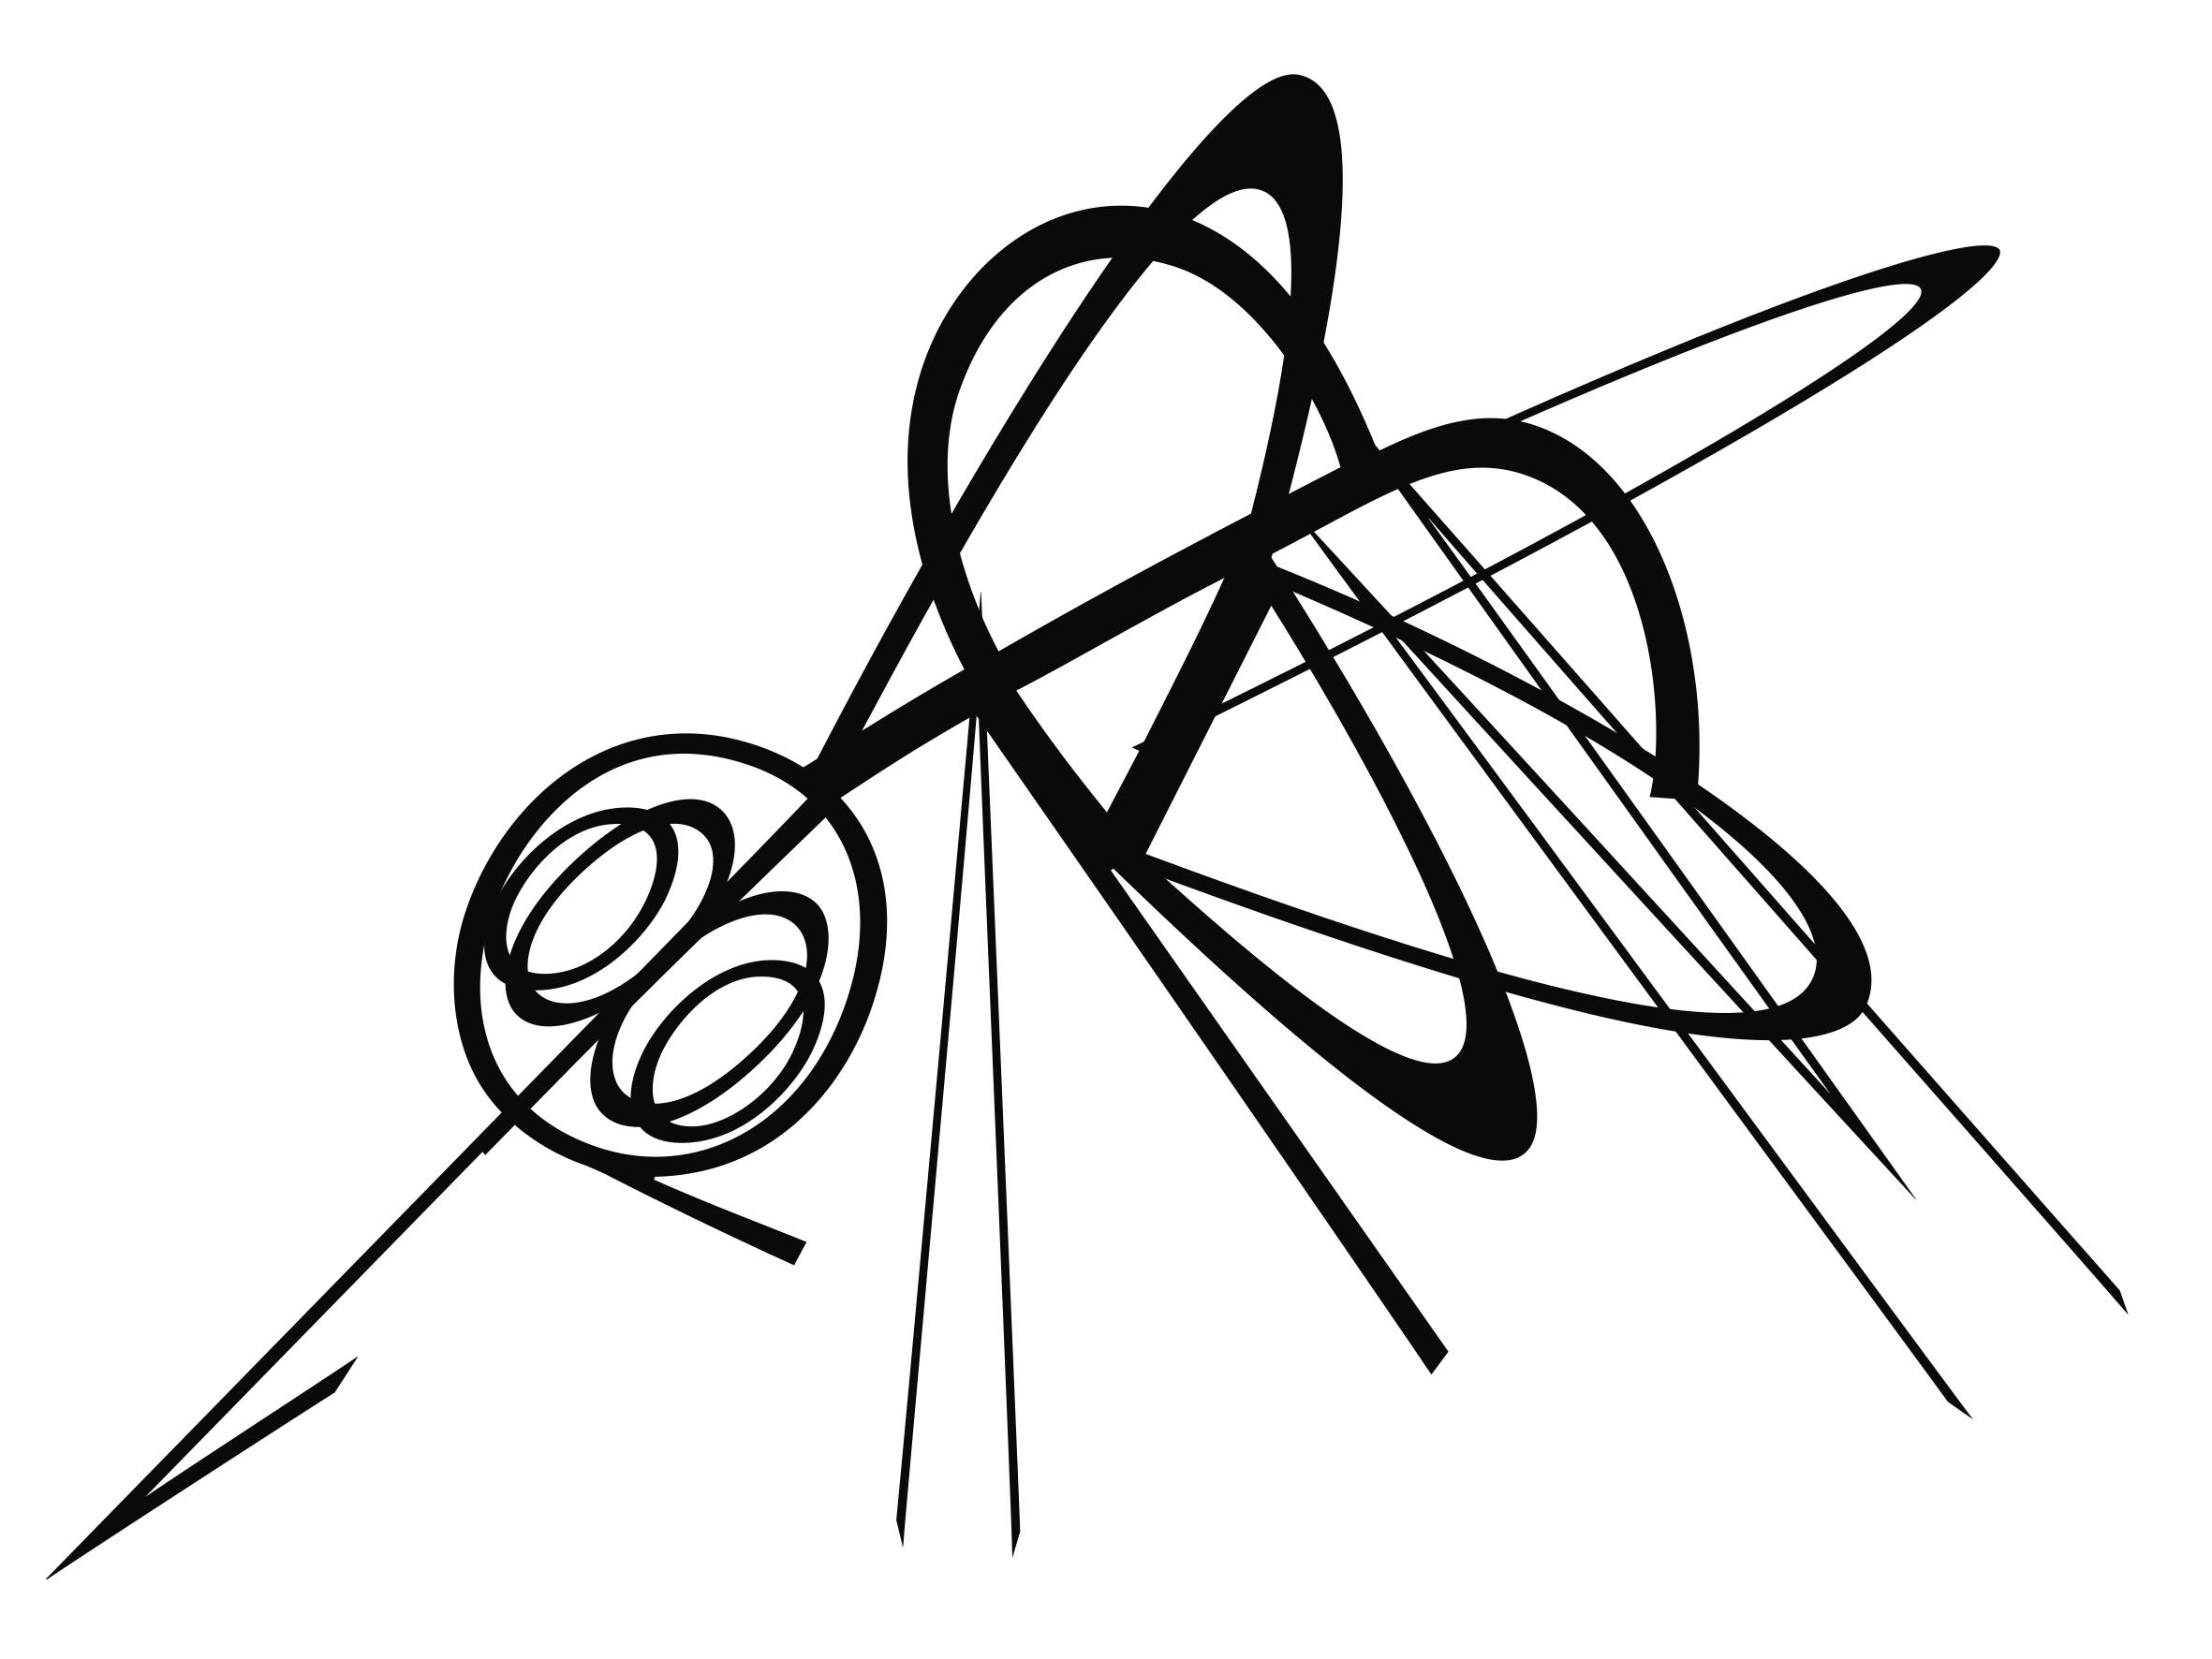 Zanzara. Mostra COMPLESSO DI ASTRAZIONE opere di Stefano Puddu Crespellani